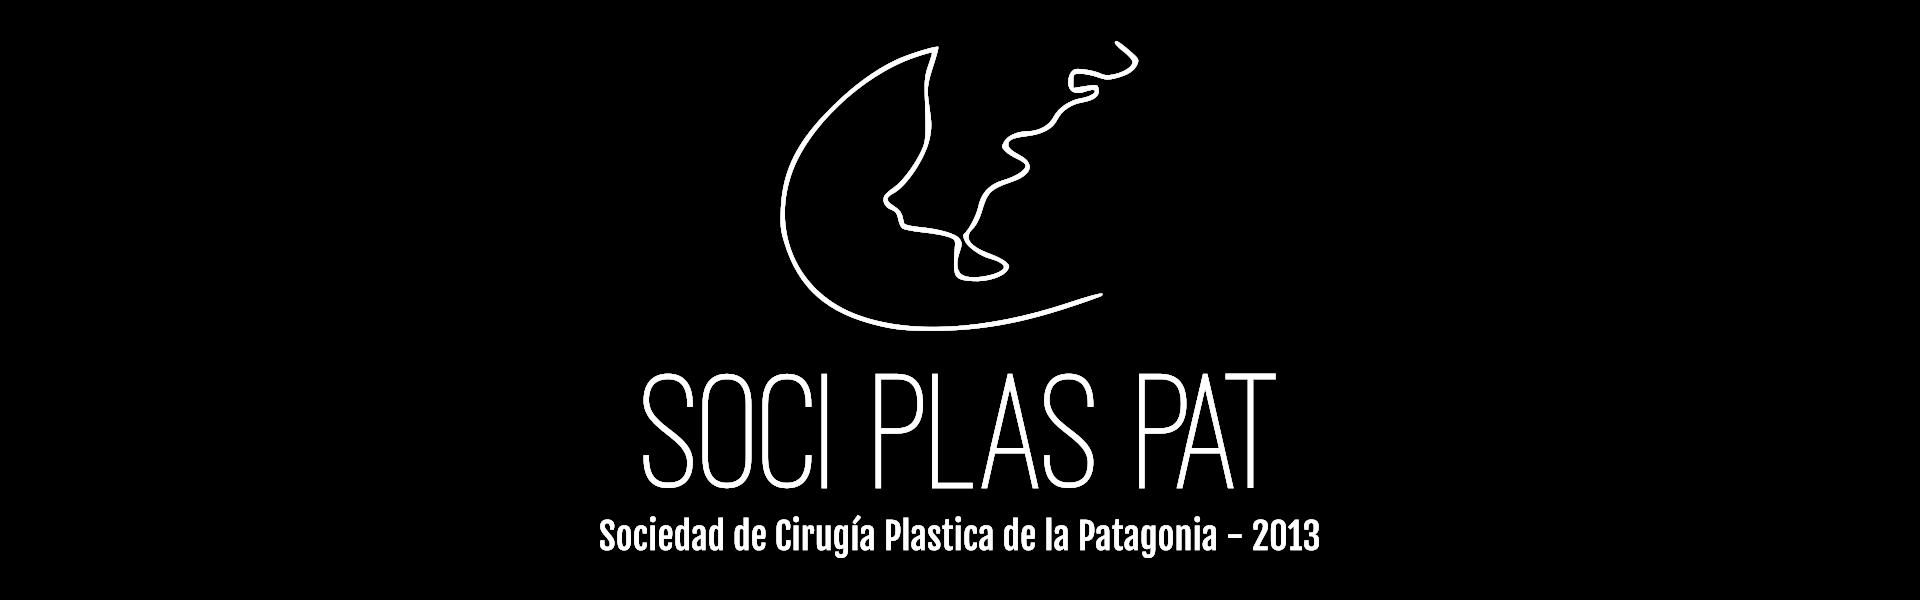 Sociedad de Cirugía Plástica de la Patagonia